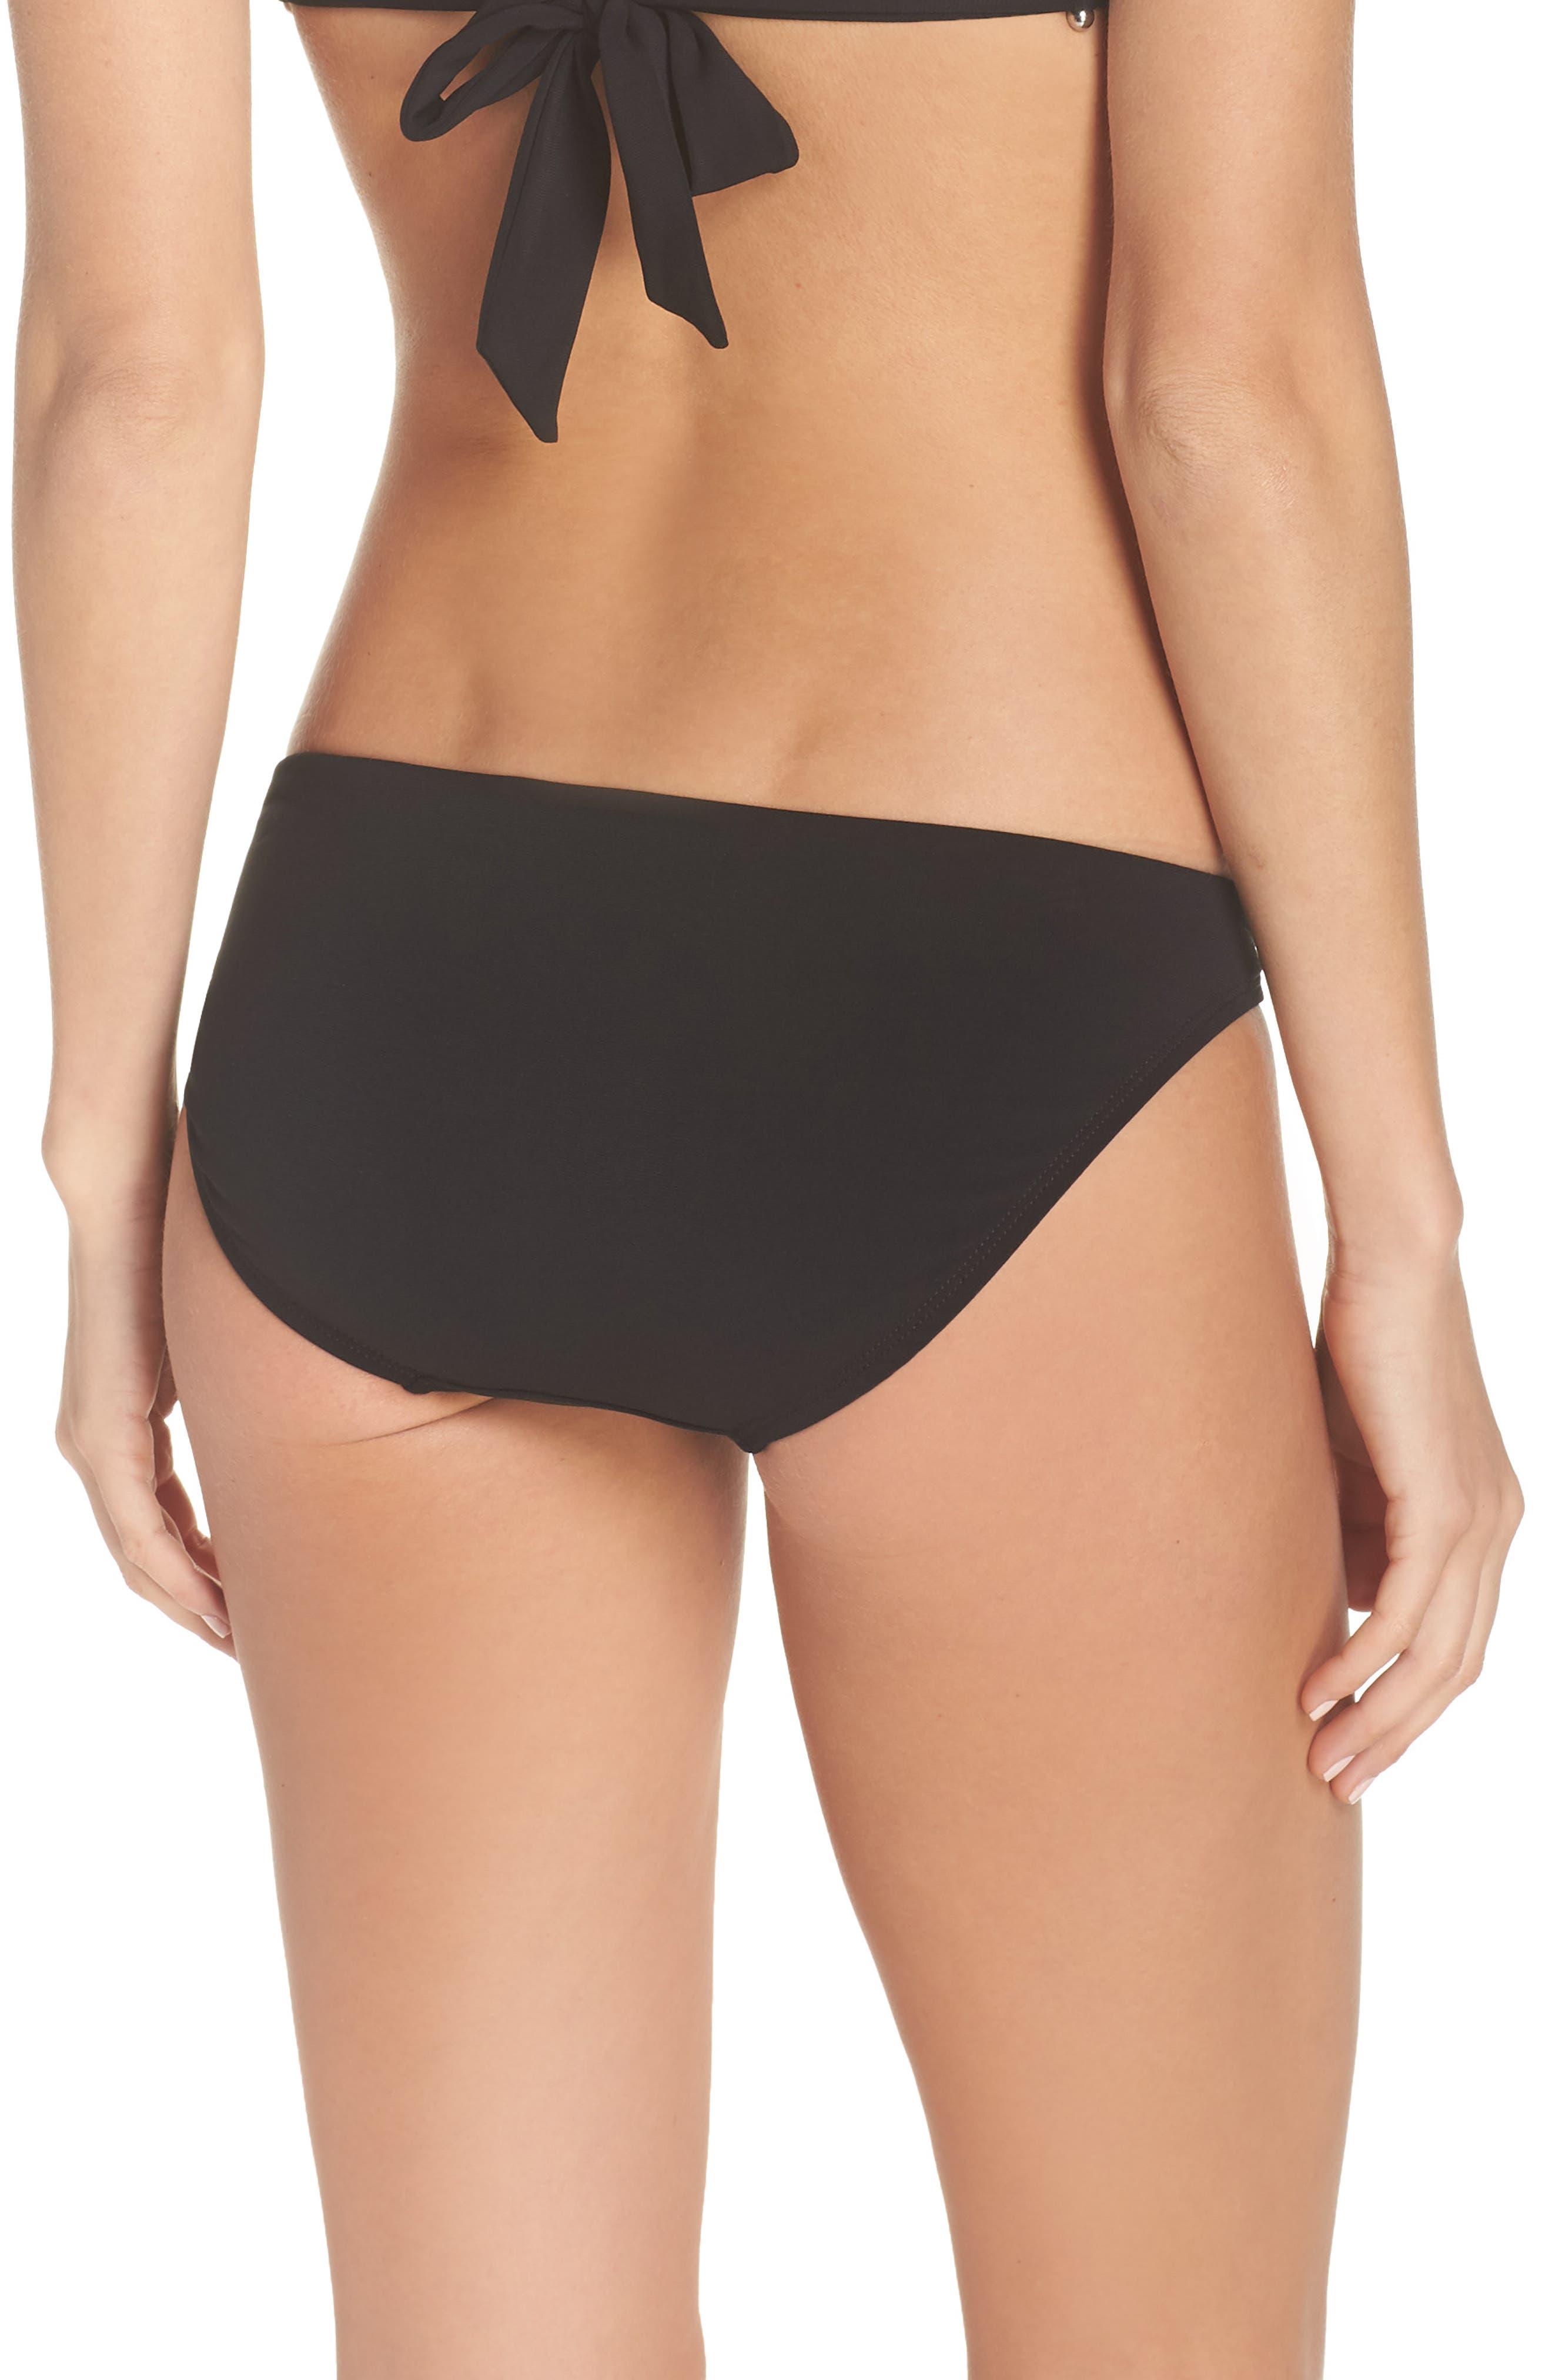 Ava Bikini Bottoms,                             Alternate thumbnail 2, color,                             BLACK